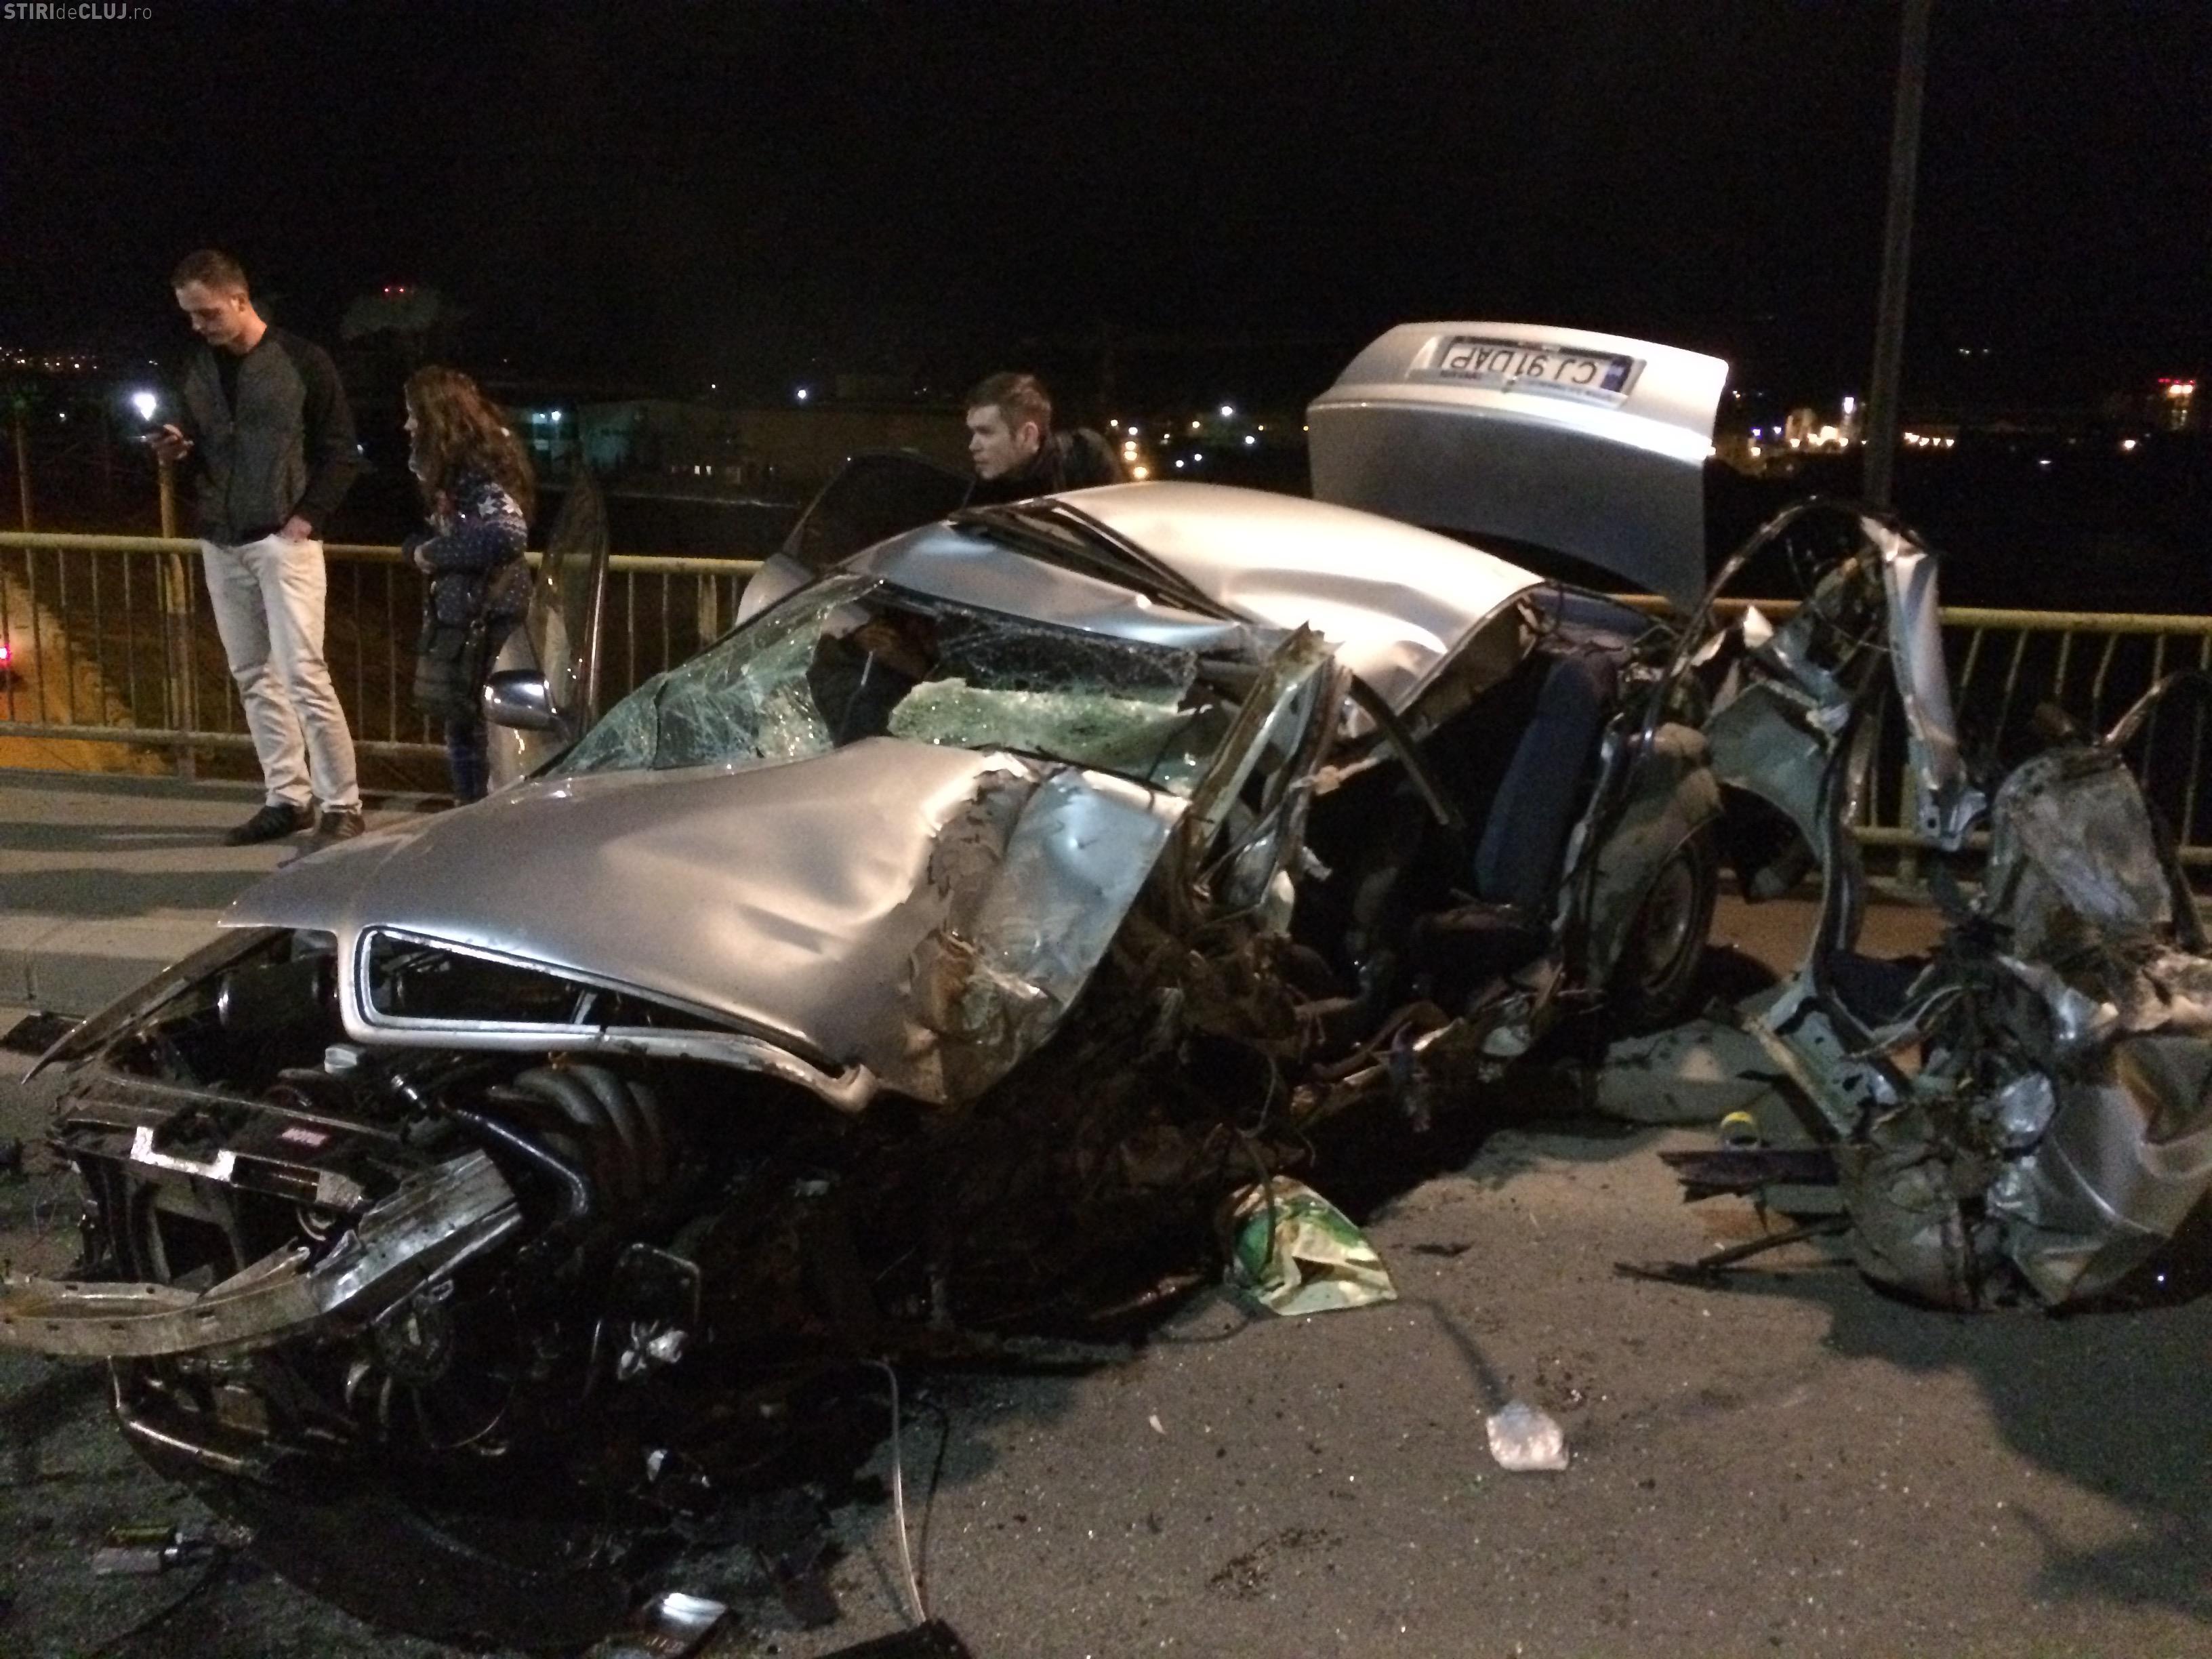 UN AUDI s-a făcut PRAF și PULBERE la Cluj! Accidentul a fost pe podul IRA. ȘOFERUL a MURIT - FOTO